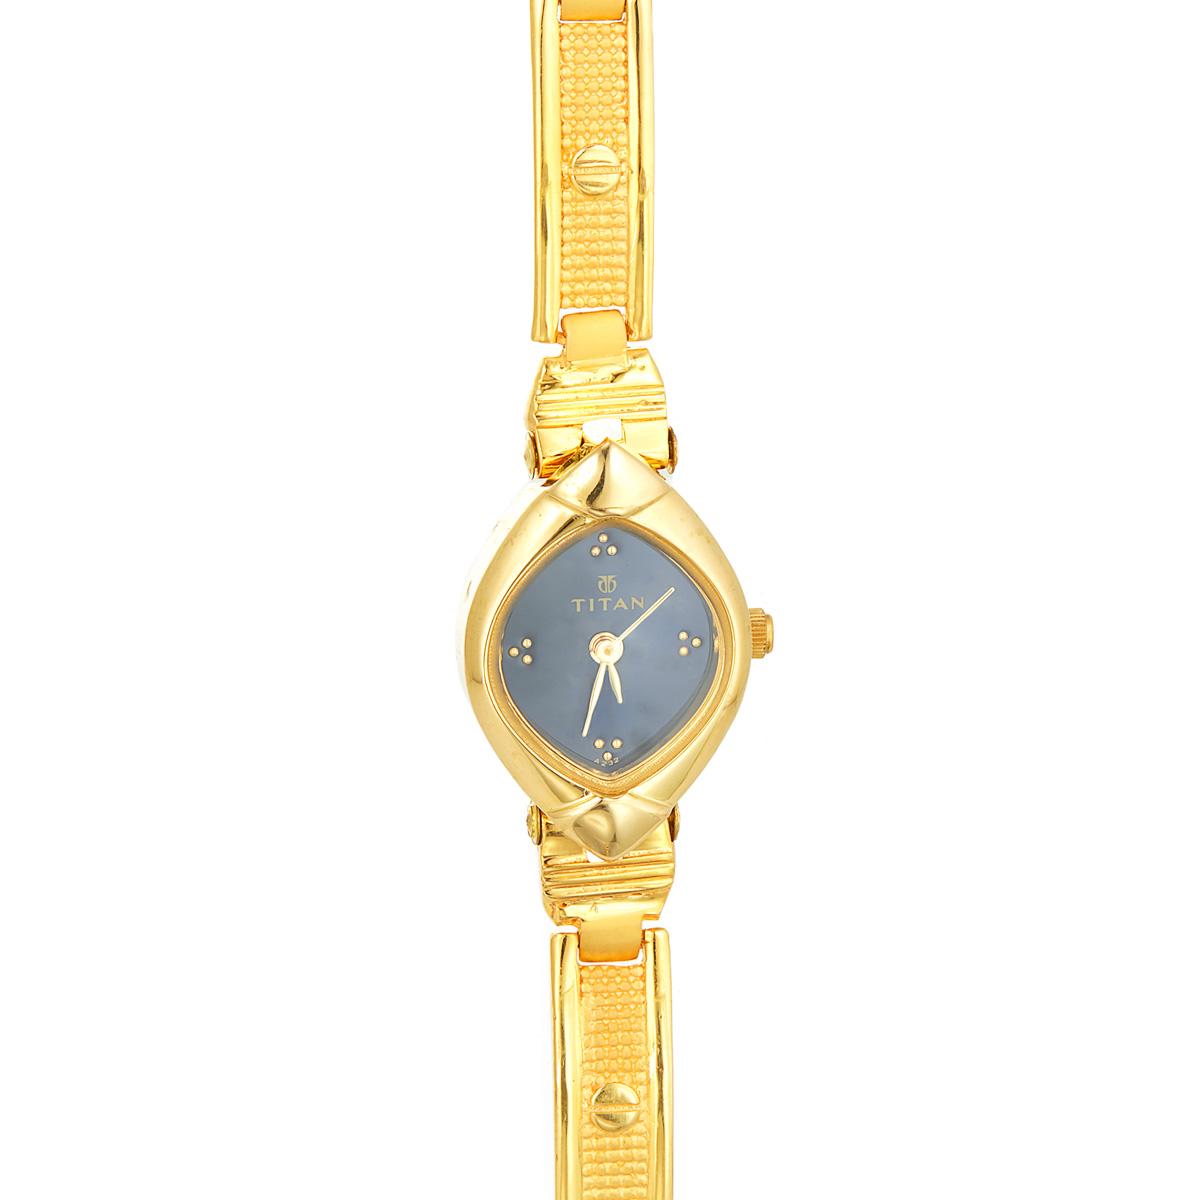 Simple & Good-looking Watch